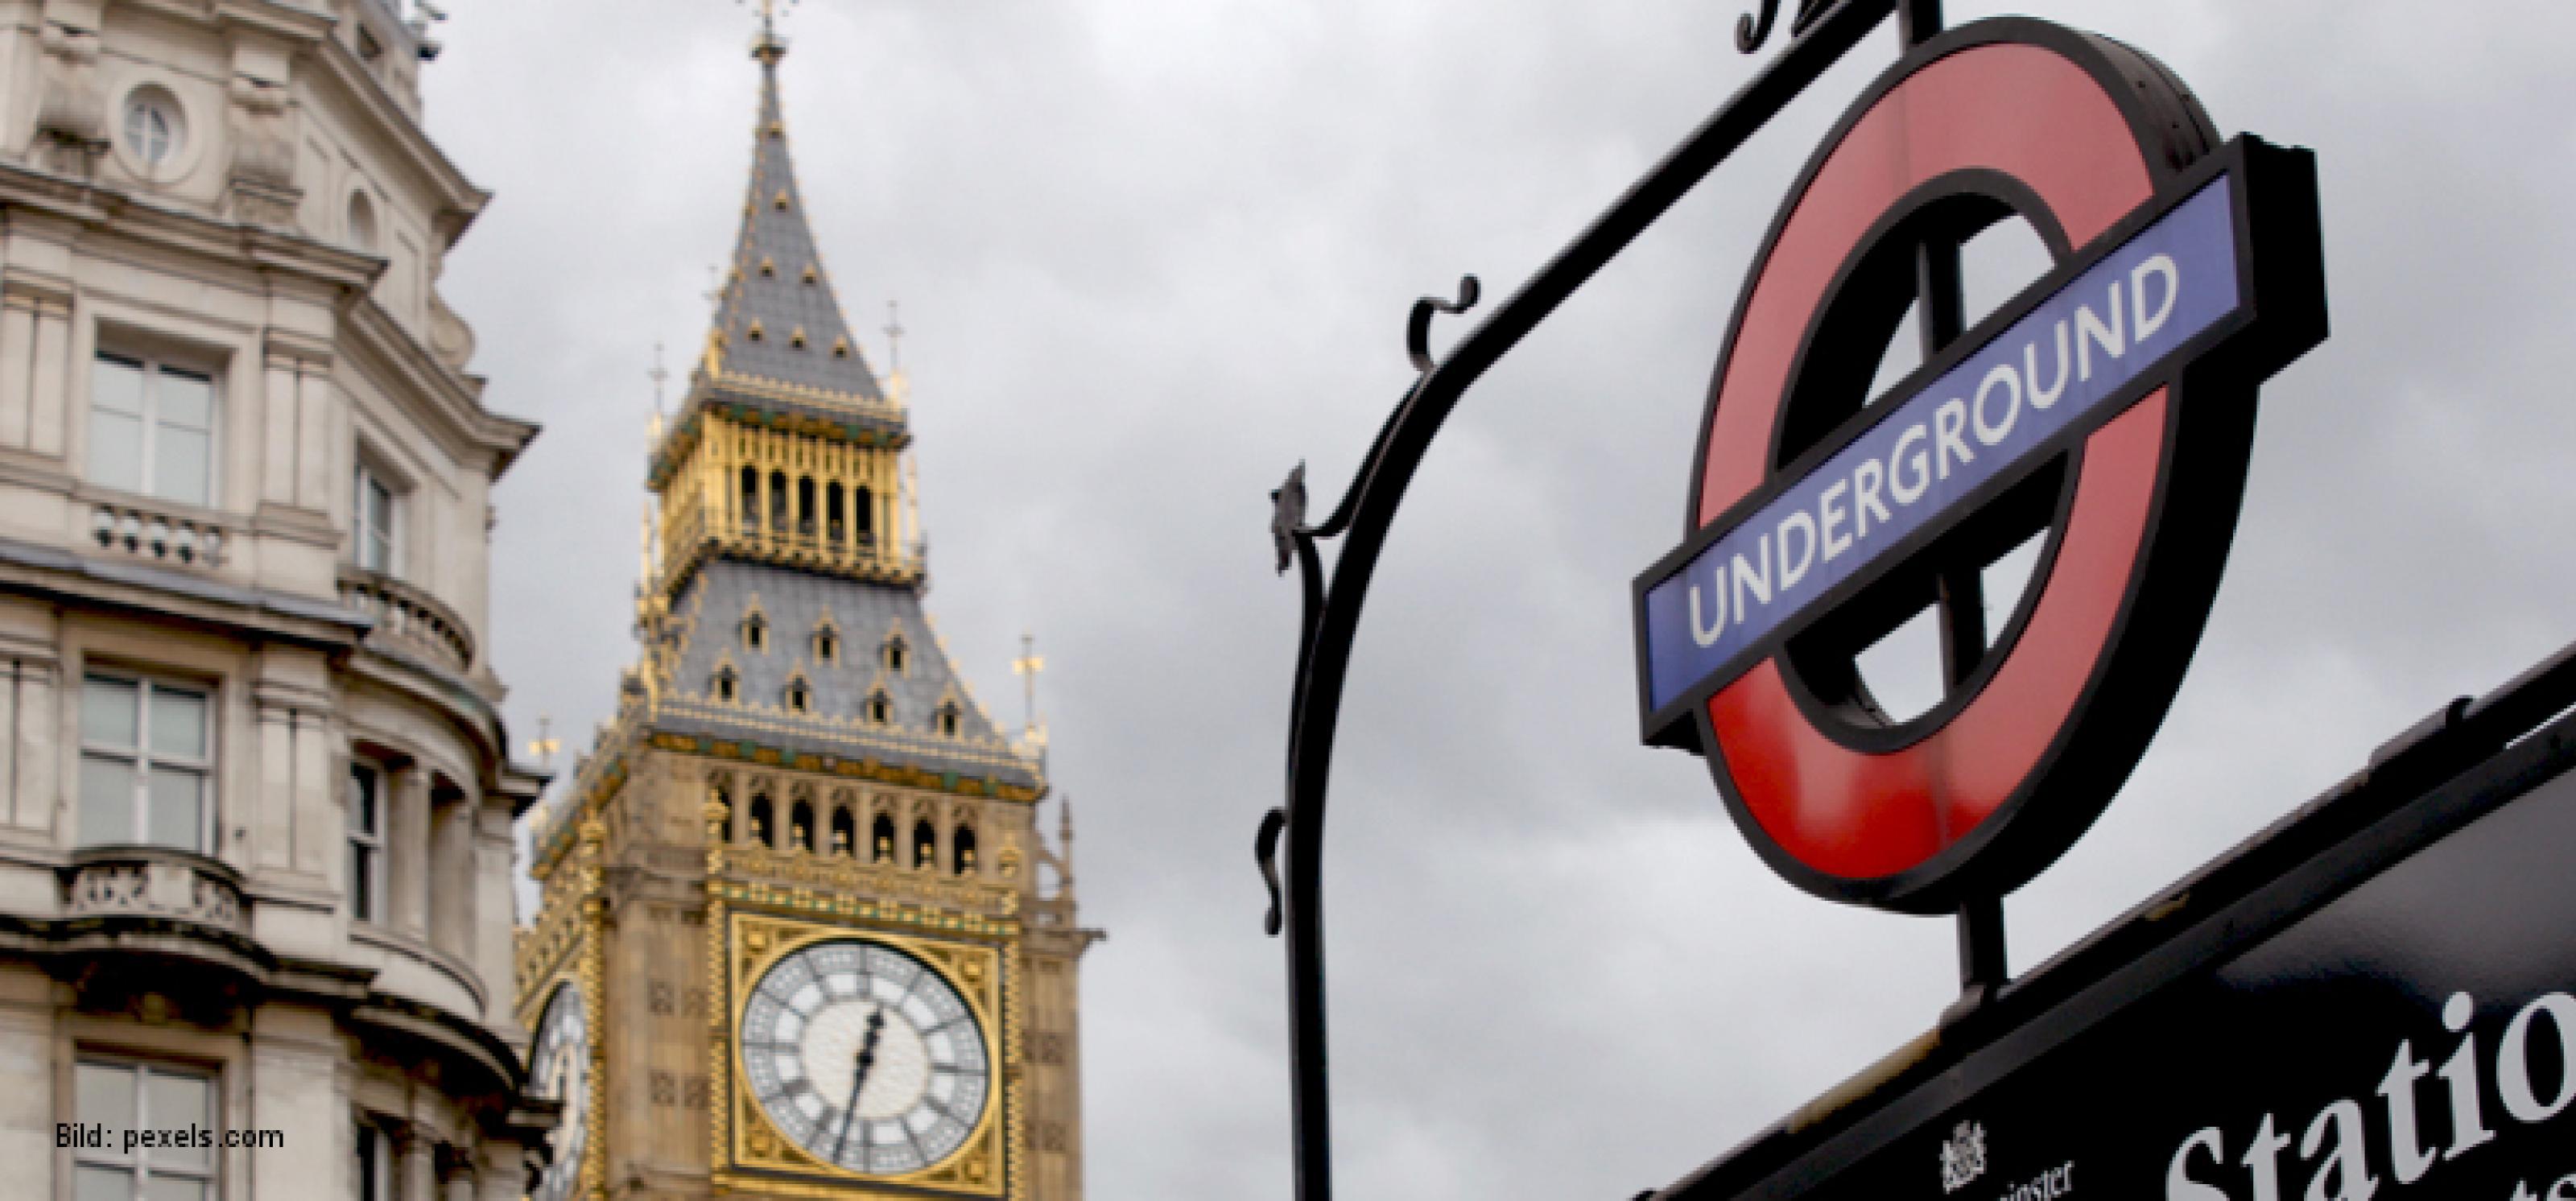 """Im Vordergrund ist das Schild zu einem Eingang der Londoner U-Bahn mit der Beschriftung """"Underground"""" zu sehen. Im Hintergrund sieht man den oberen Teil des Turms der Houses of Parliament mit der Uhr von Big Ben."""